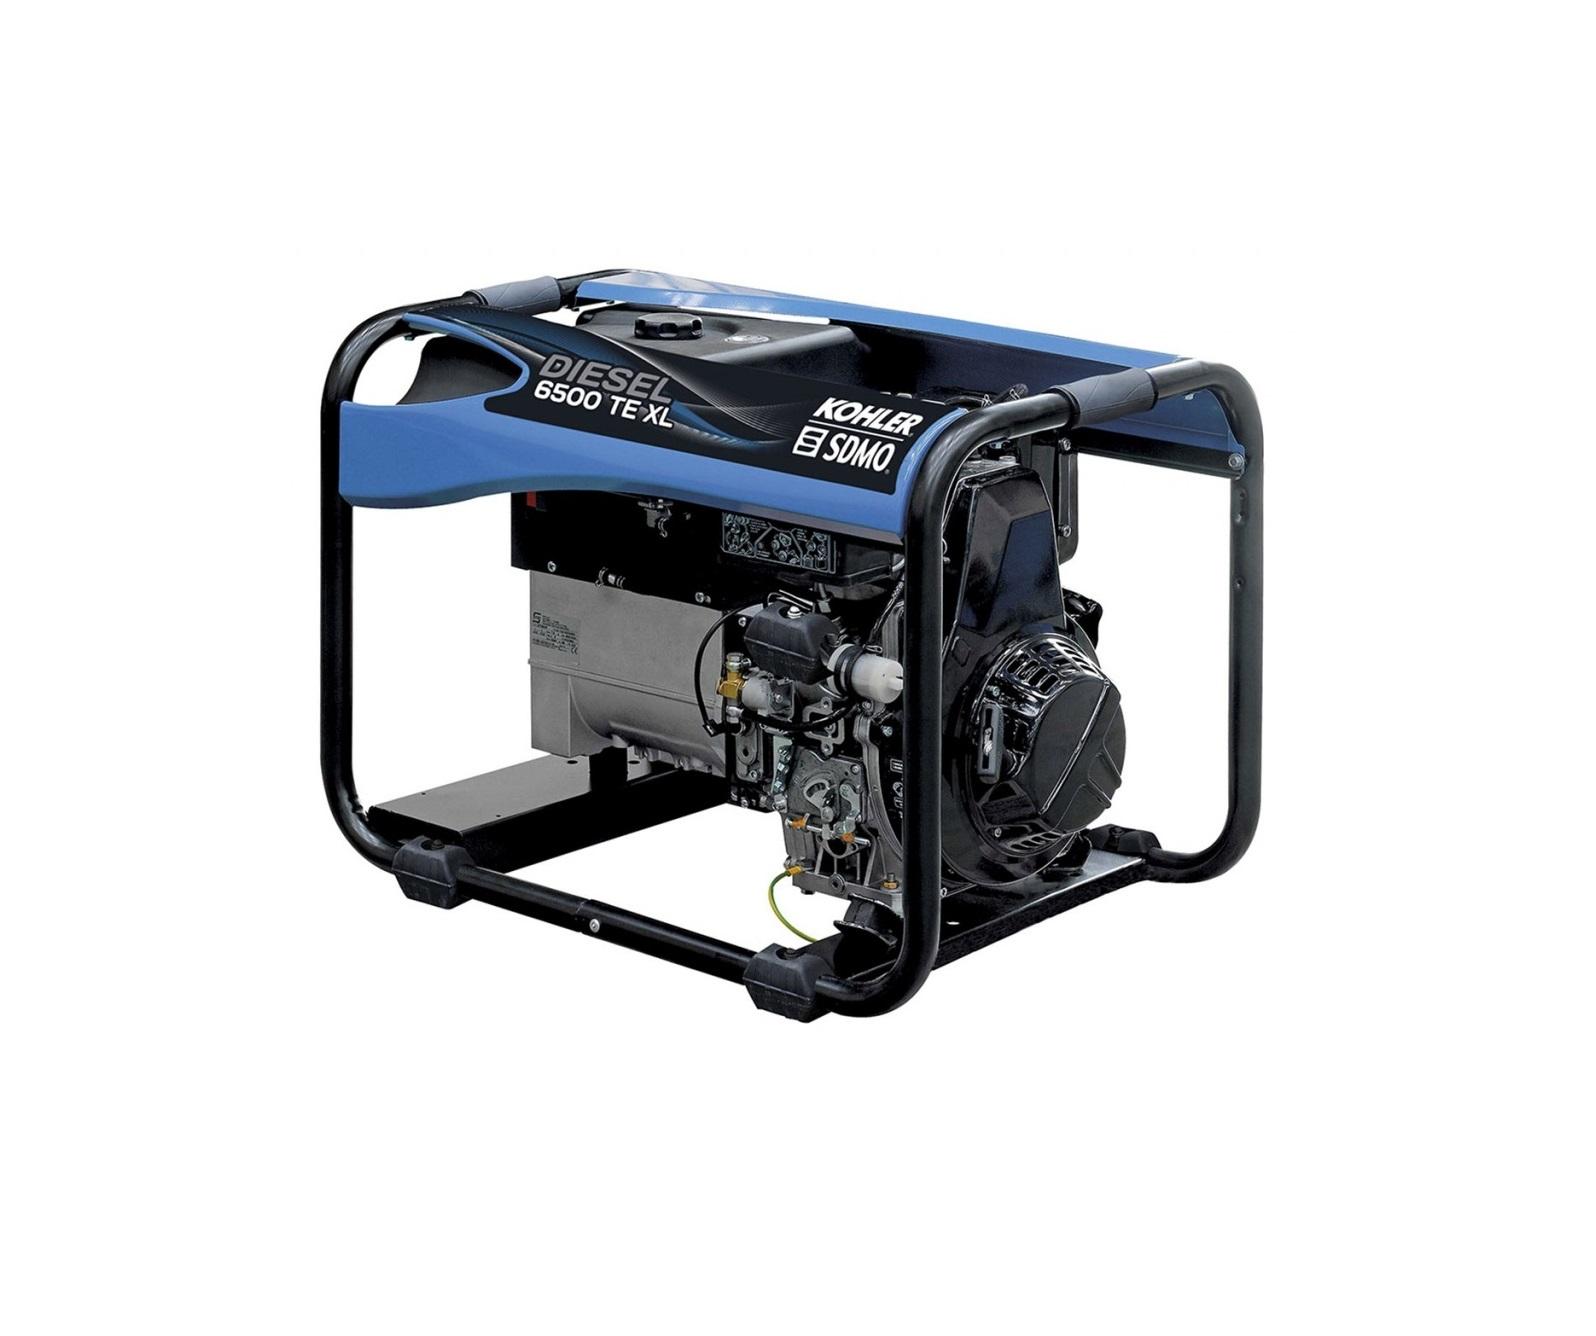 Дизельный генератор (электростанция) SDMO DIESEL 6500 TE XL C M